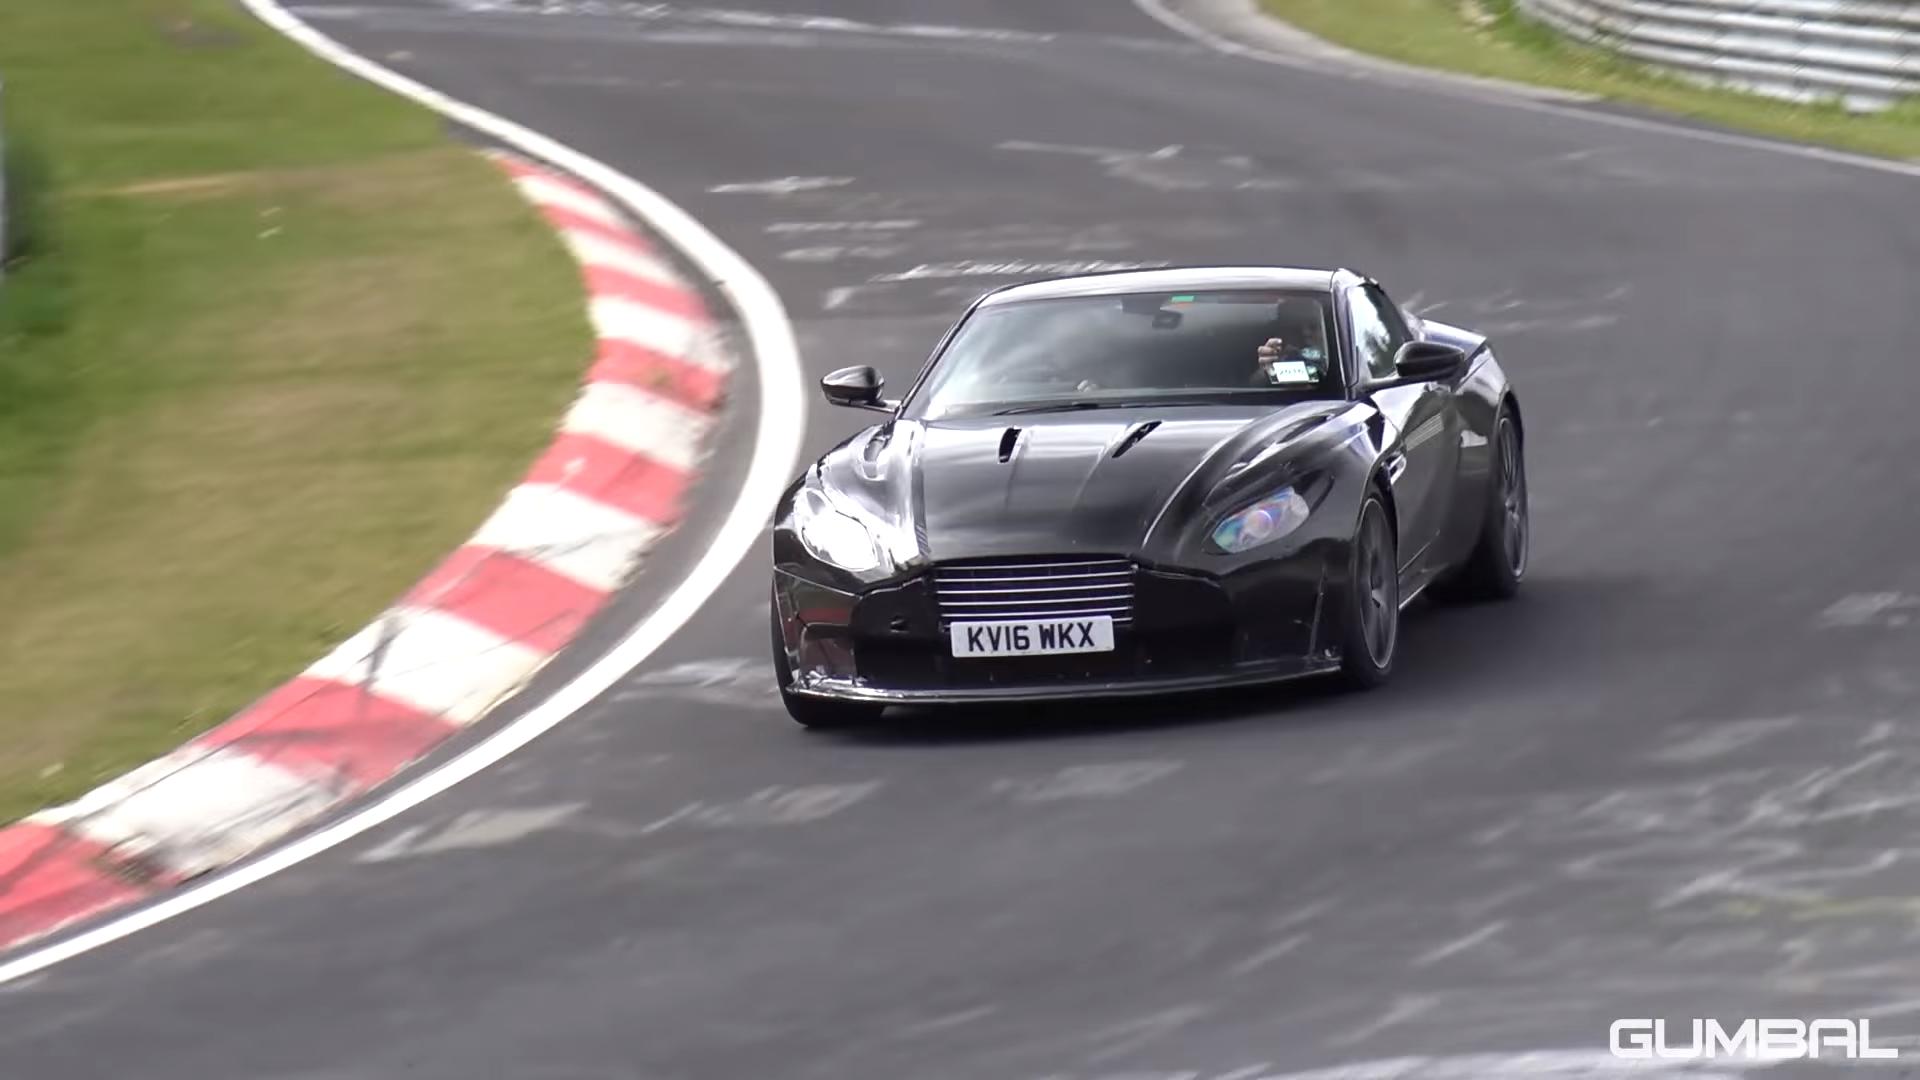 Aston Martin gaat samenwerken met Mercedes en dit klink zo